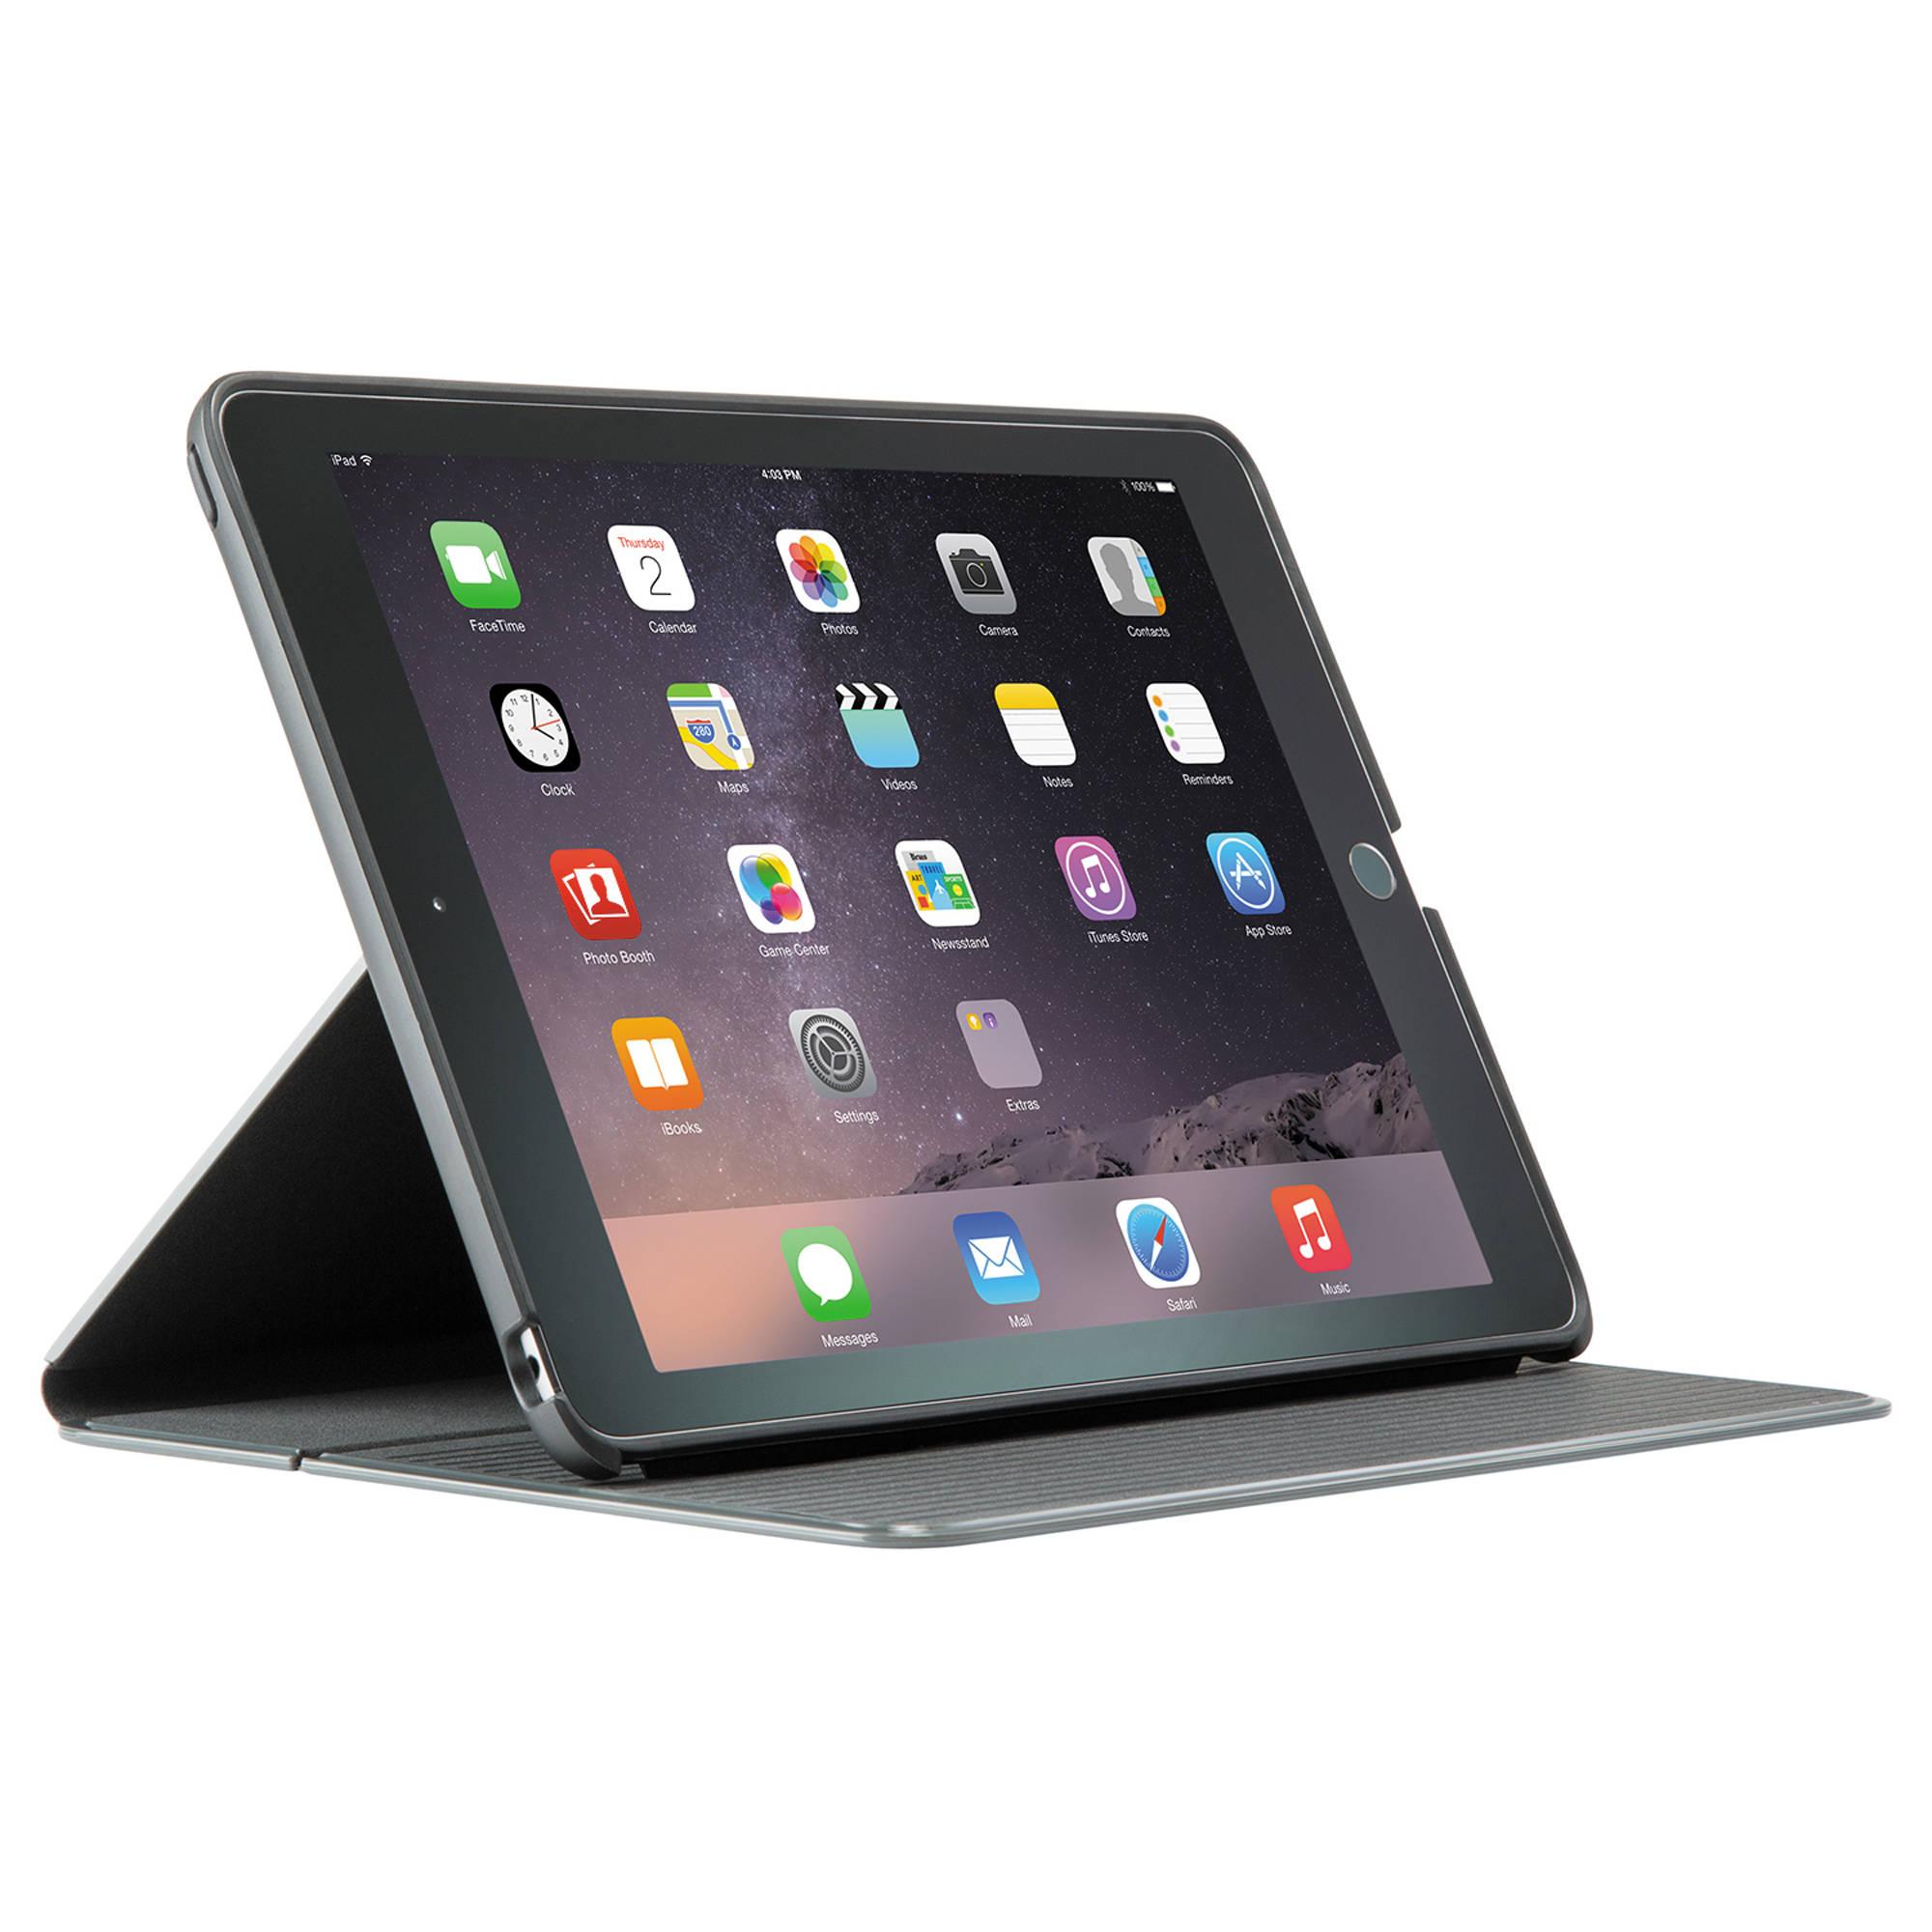 Speck DuraFolio Case for iPad Air 2 71943-B565 B&H Photo Video